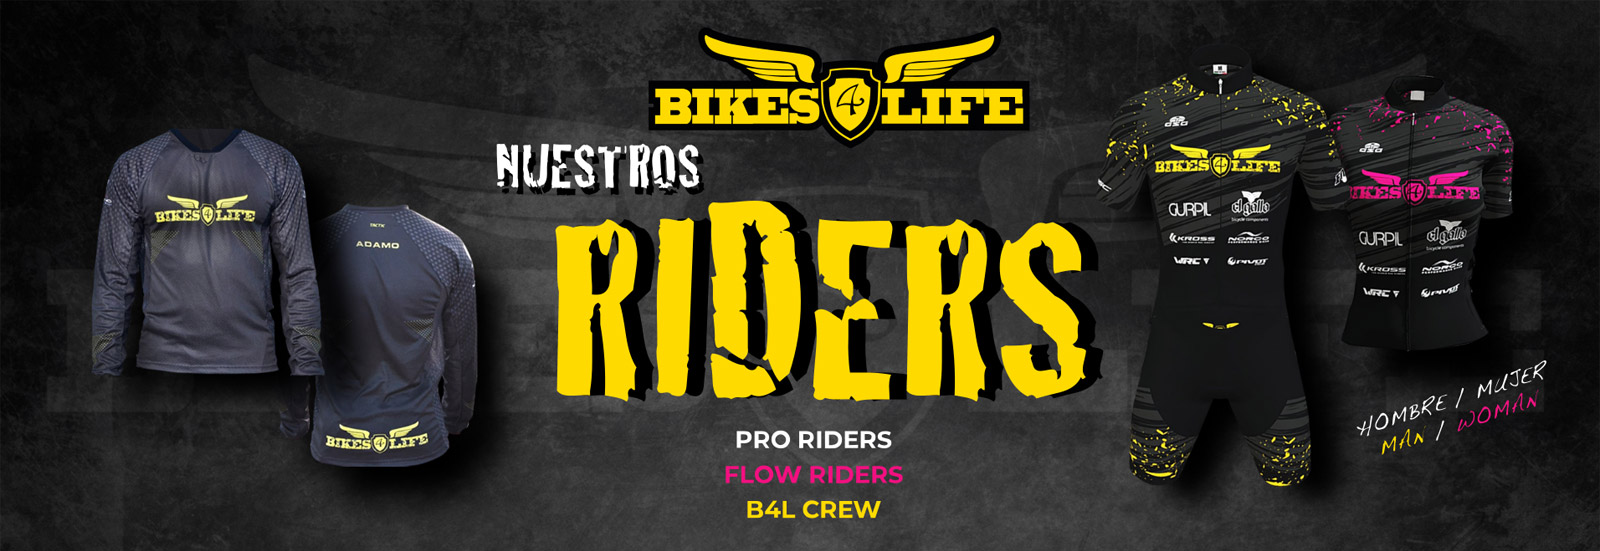 Nuestros Riders